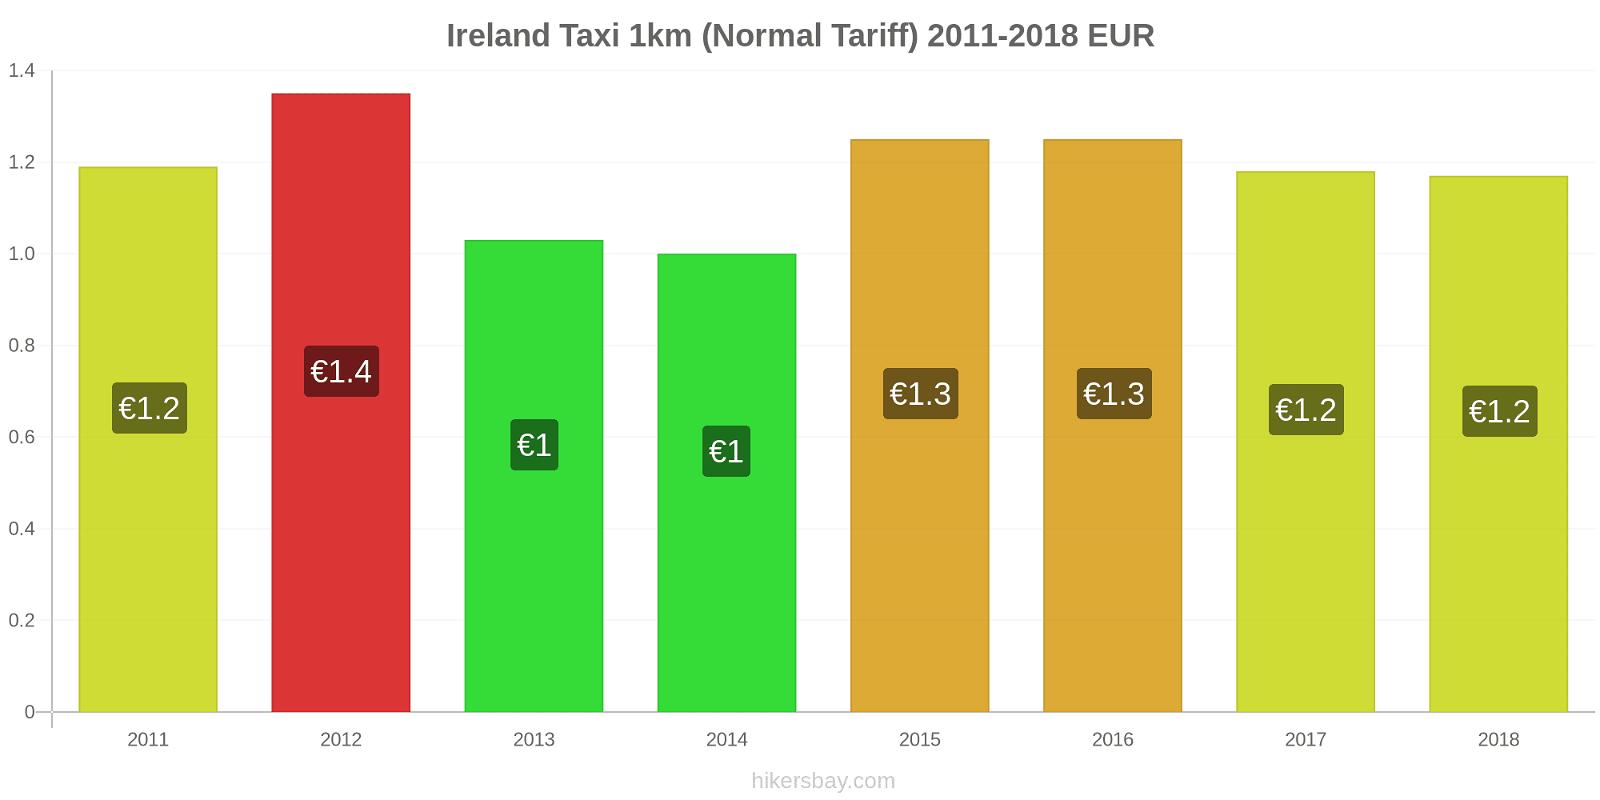 Ireland price changes Taxi 1km (Normal Tariff) hikersbay.com